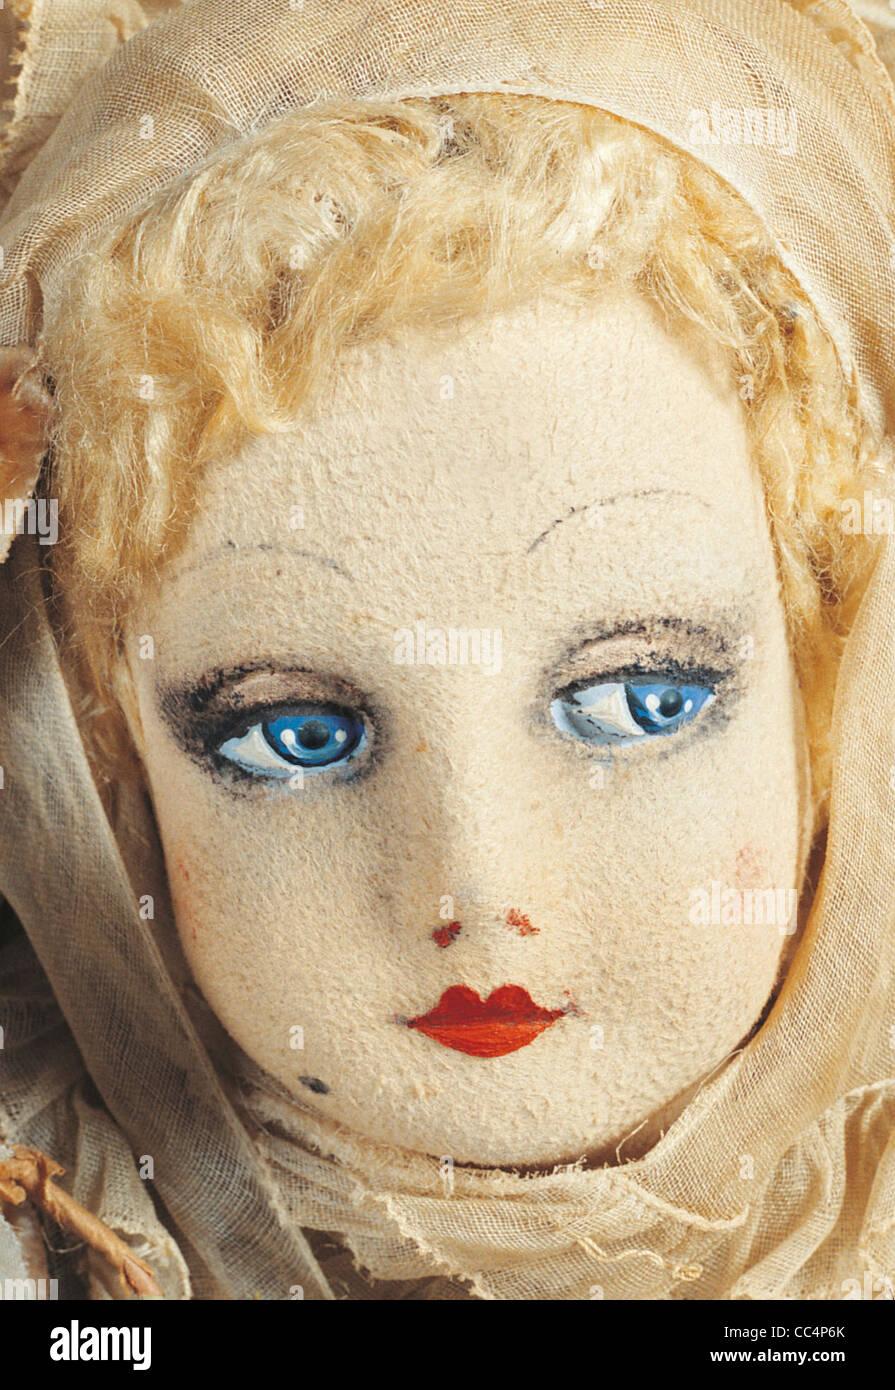 La recogida de juguetes del siglo XX. Muñeca Furga. 30S. H. Cm. 58. Particular Imagen De Stock